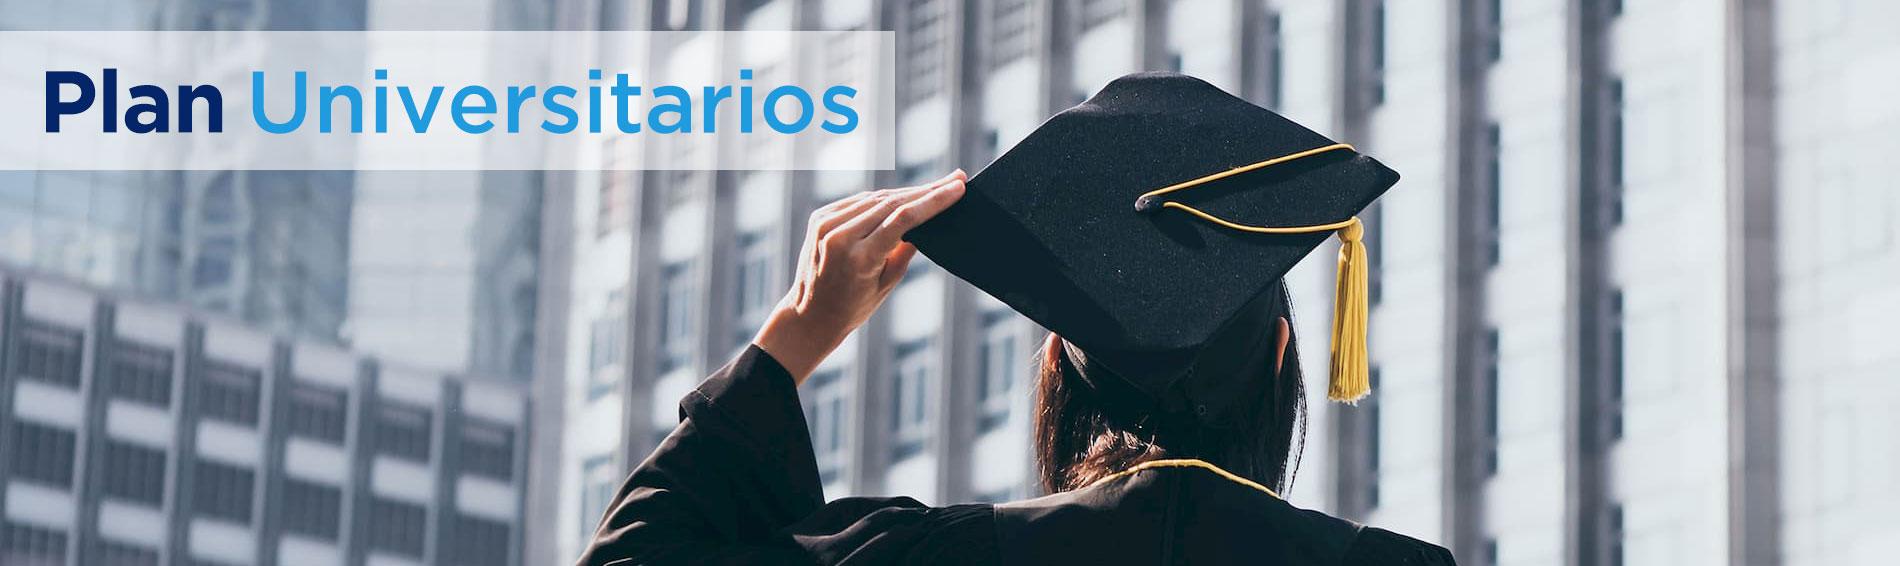 Plan Universitarios